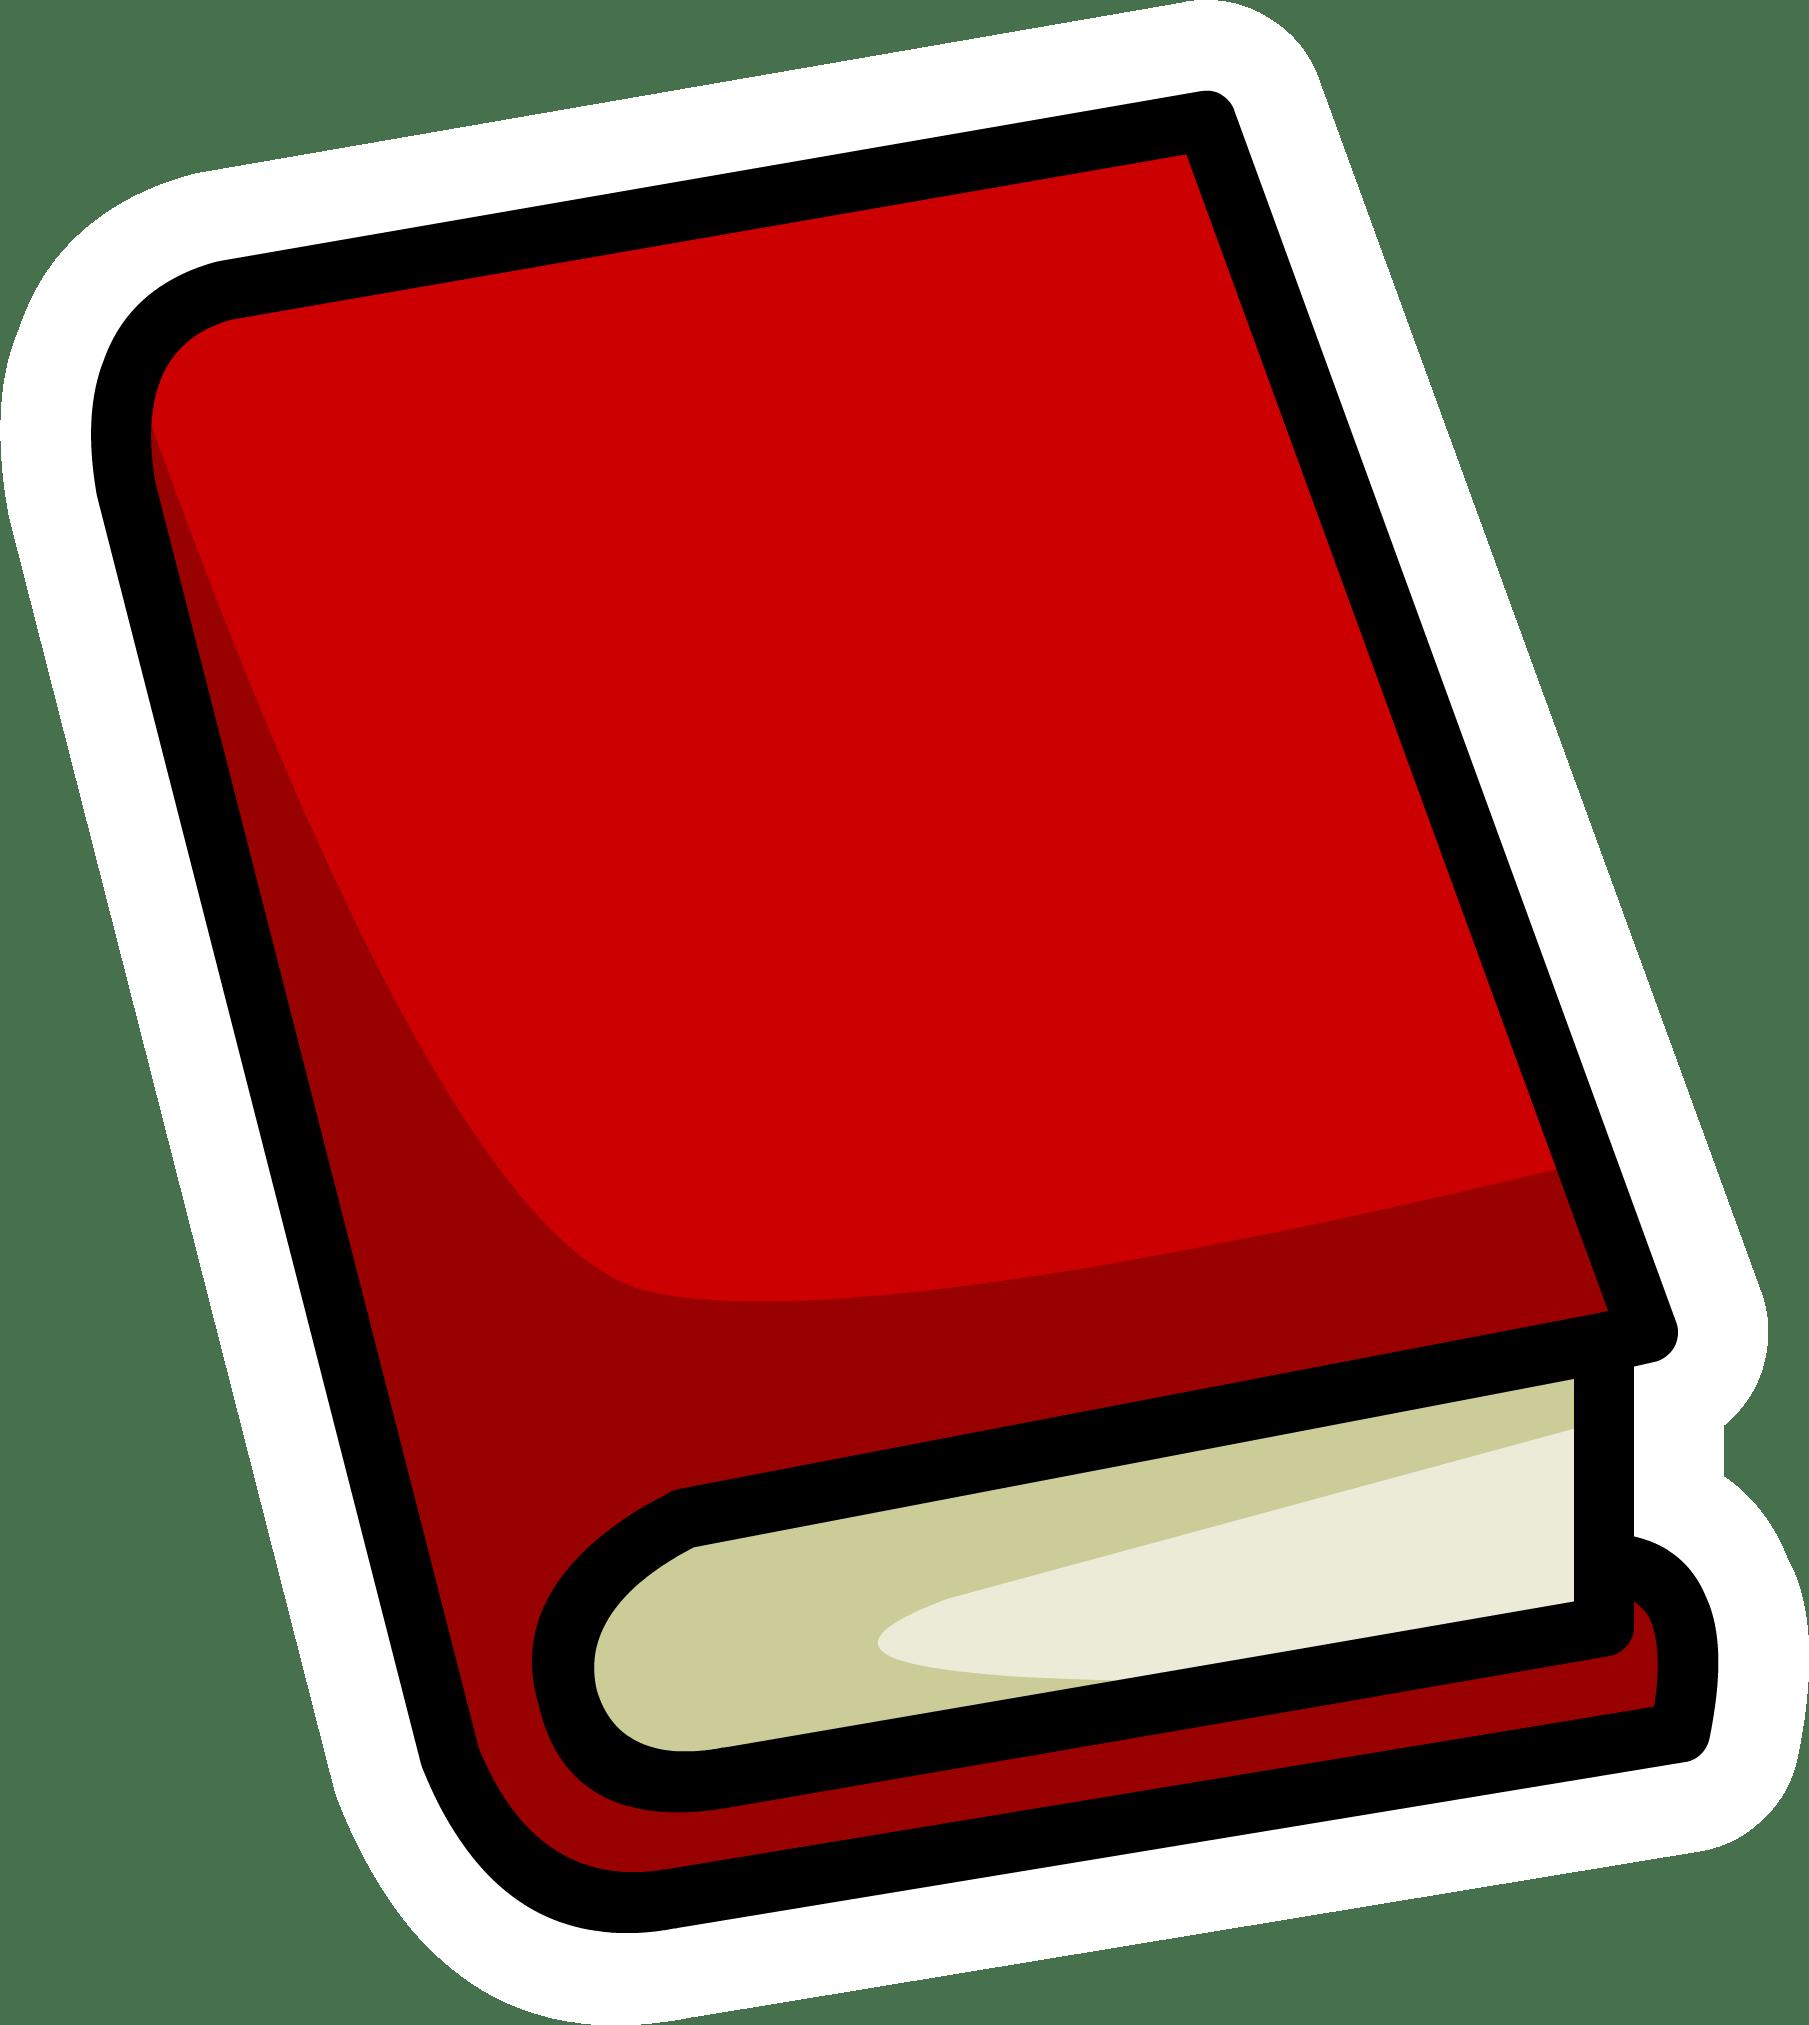 medium resolution of book pin